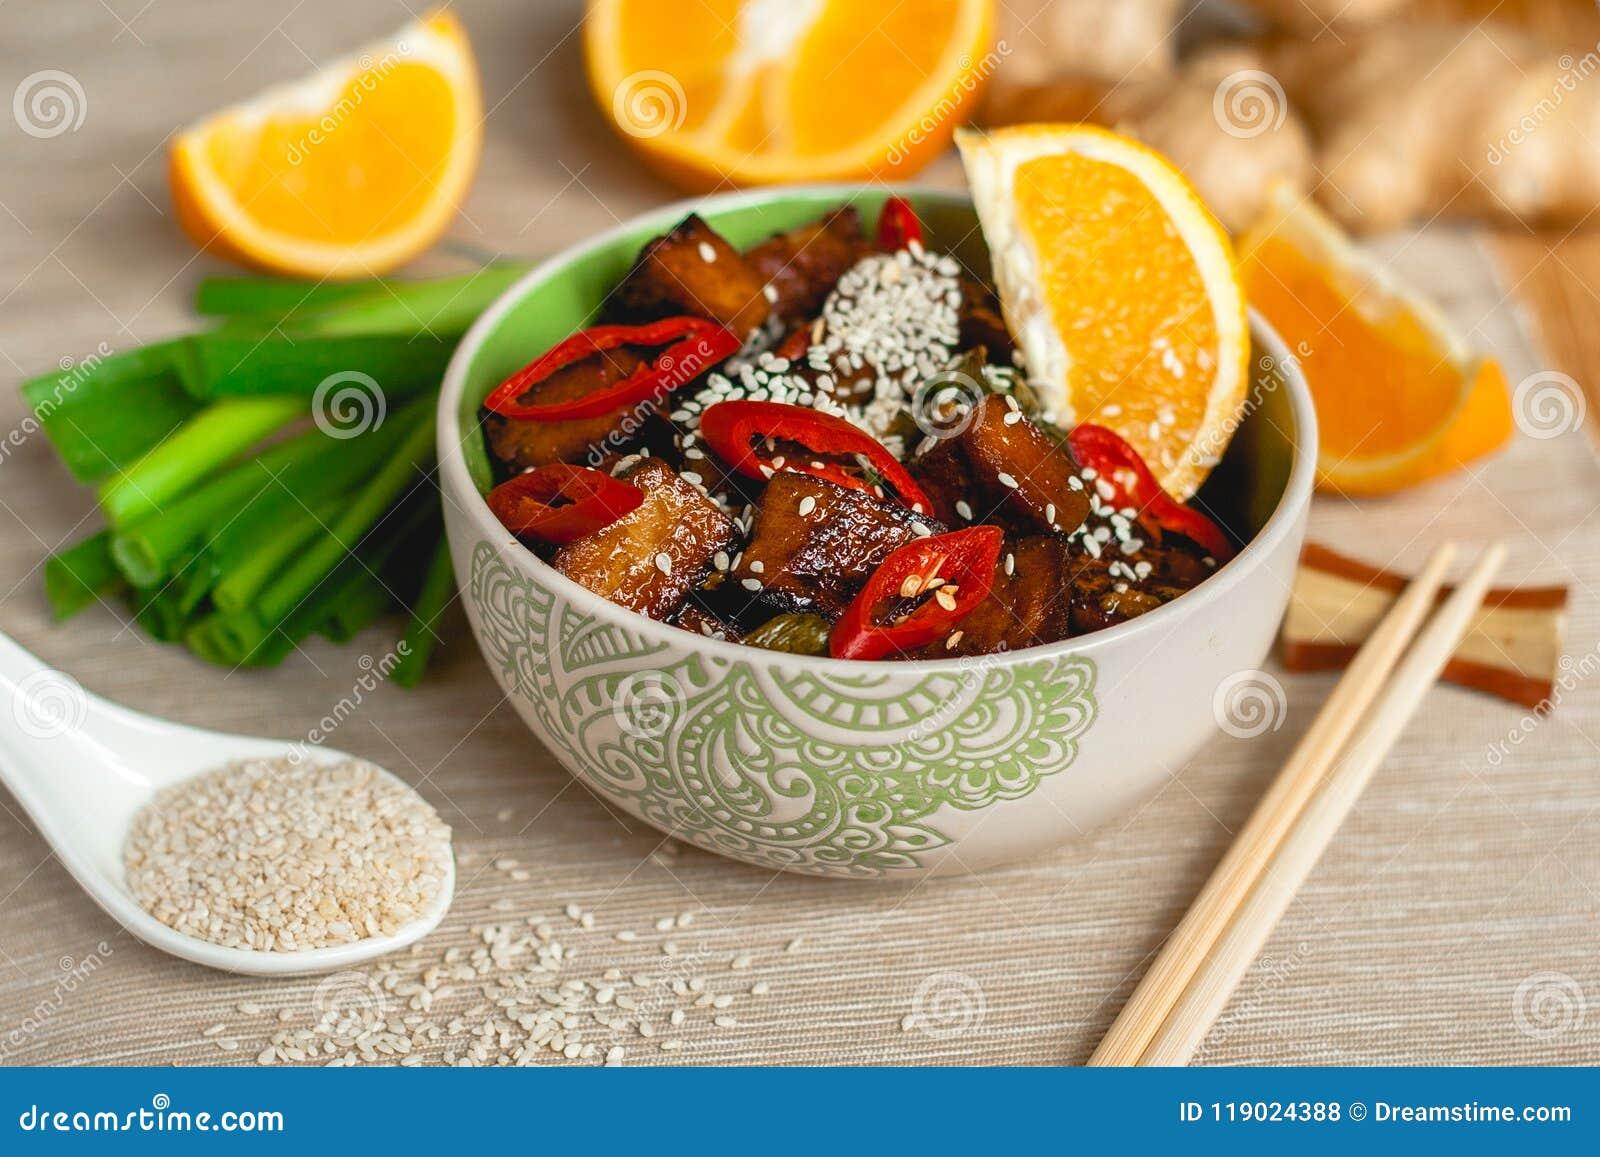 混乱油煎的橙色姜豆腐用芝麻在一个碗的葱和辣椒香料有在桌上的筷子的